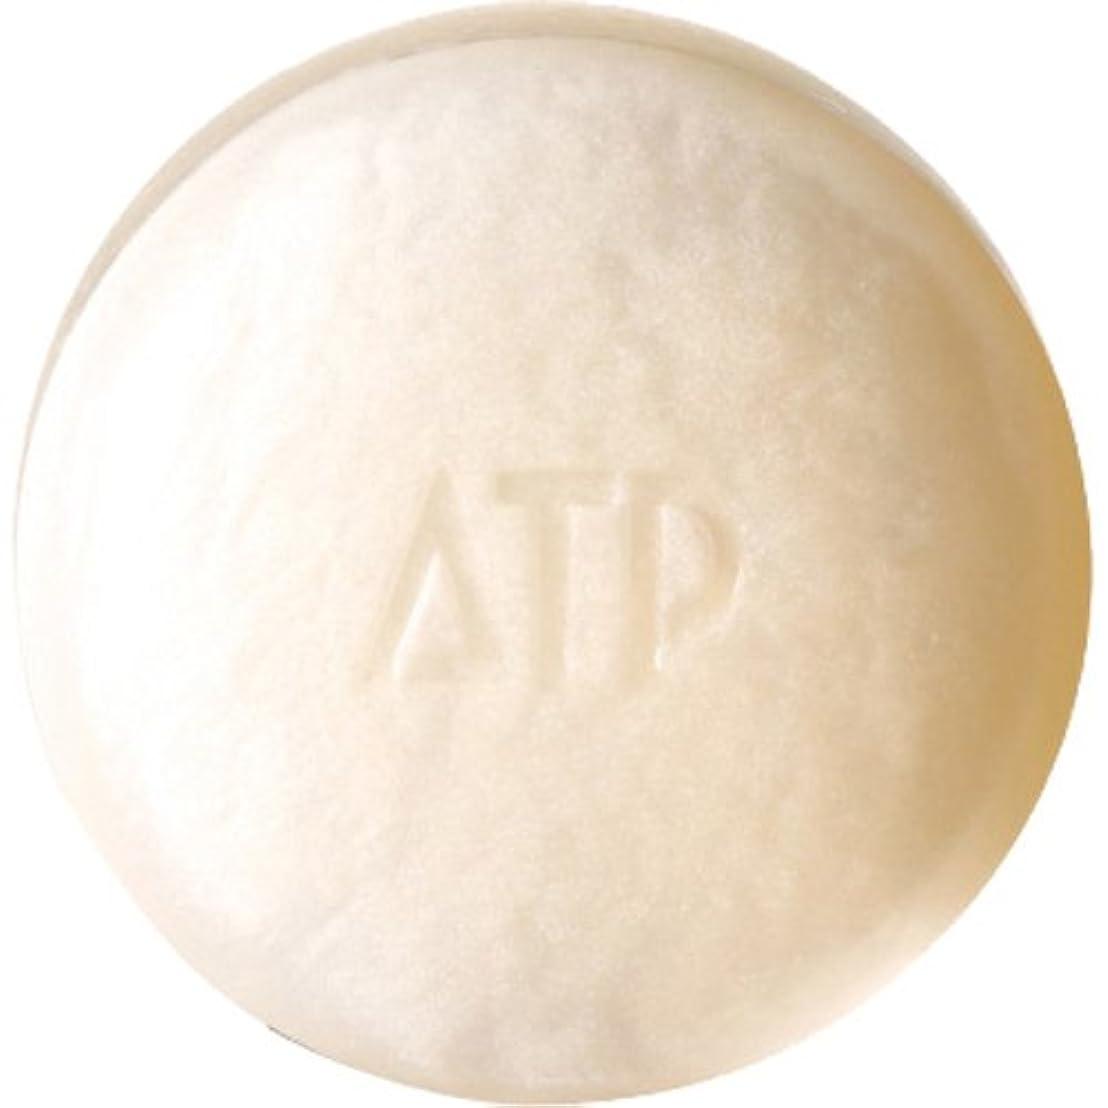 ぜいたく保険凍結薬用ATP デリケアソープ 100g ケースなし (全身用洗浄石けん?枠練り) [医薬部外品]